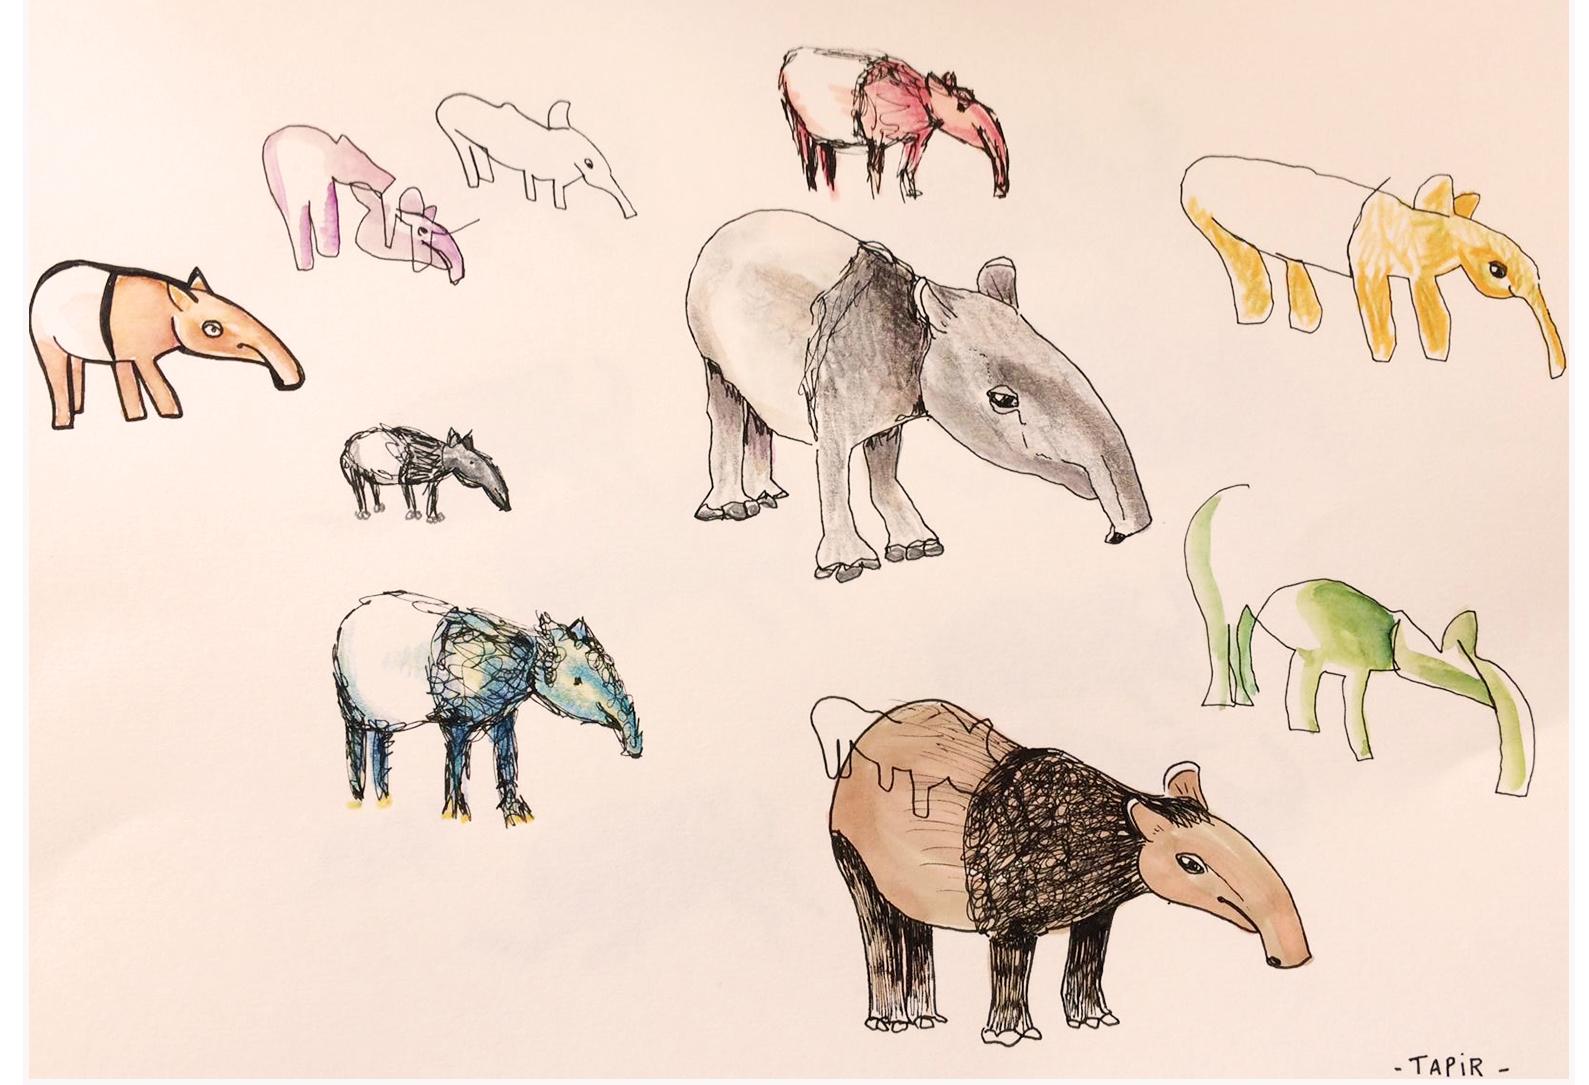 tapir - 2016